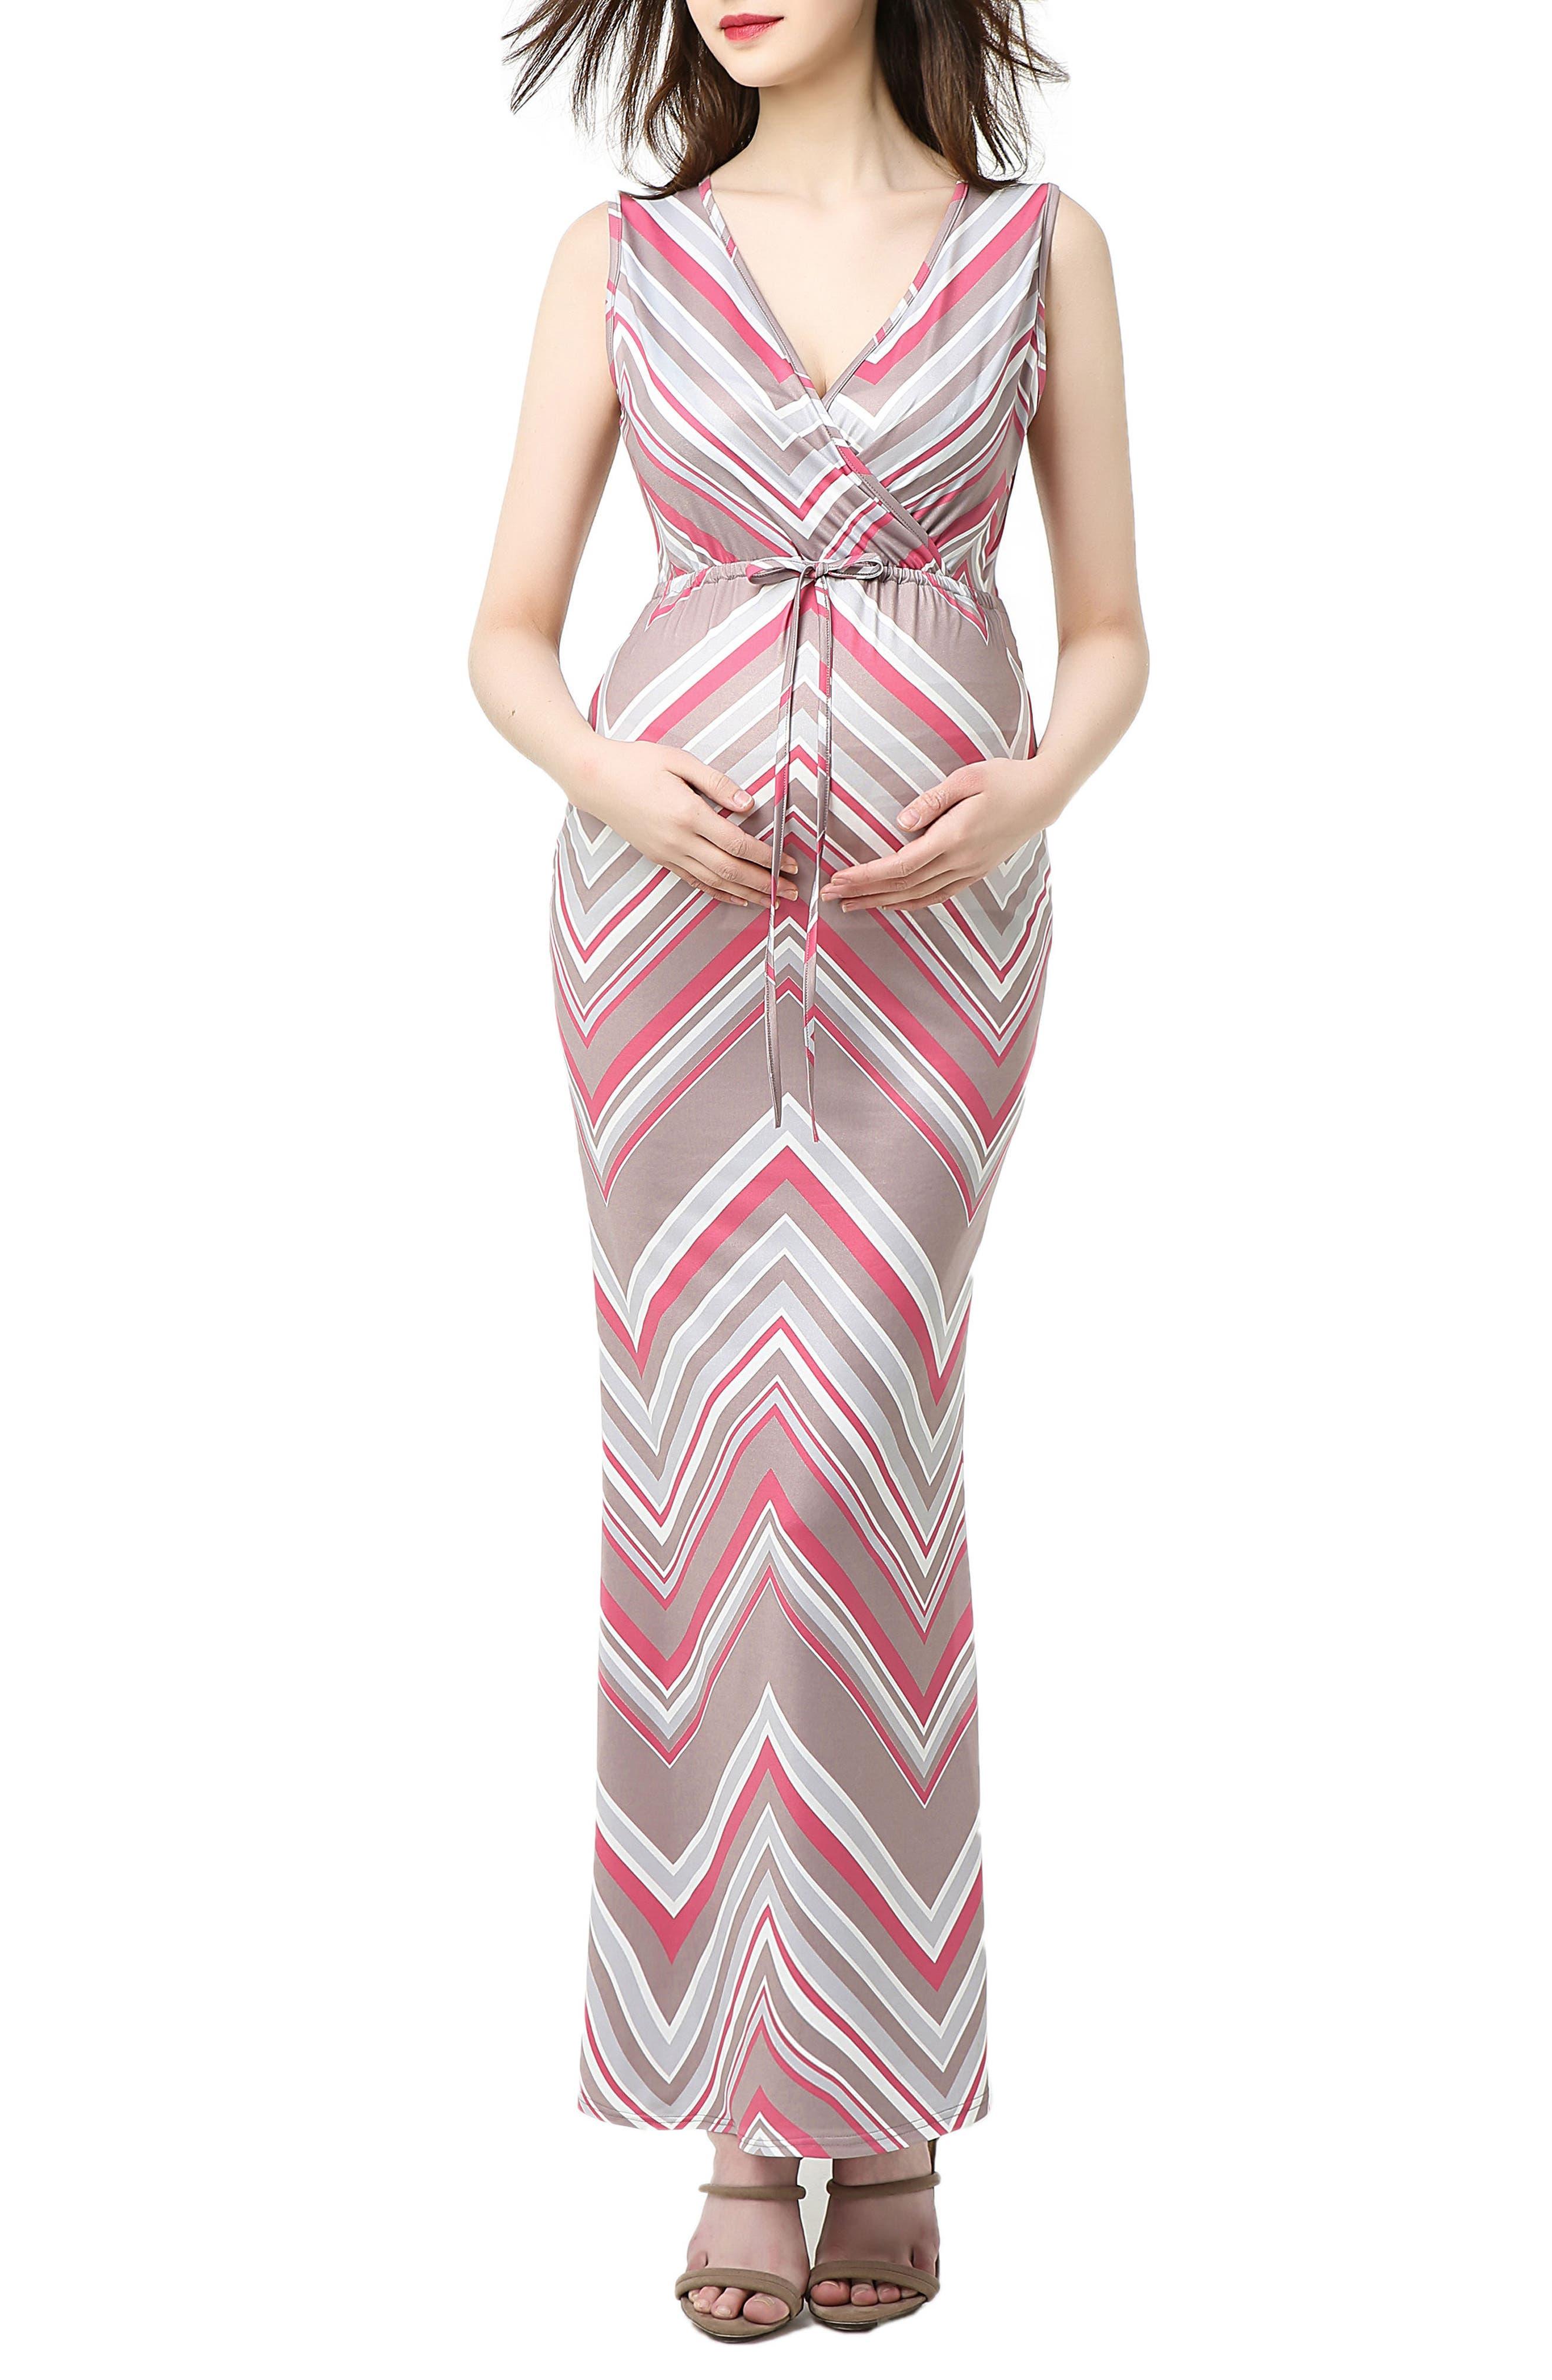 Natalie Chevron Print Maxi Maternity Dress,                         Main,                         color, Multicolored Stripe